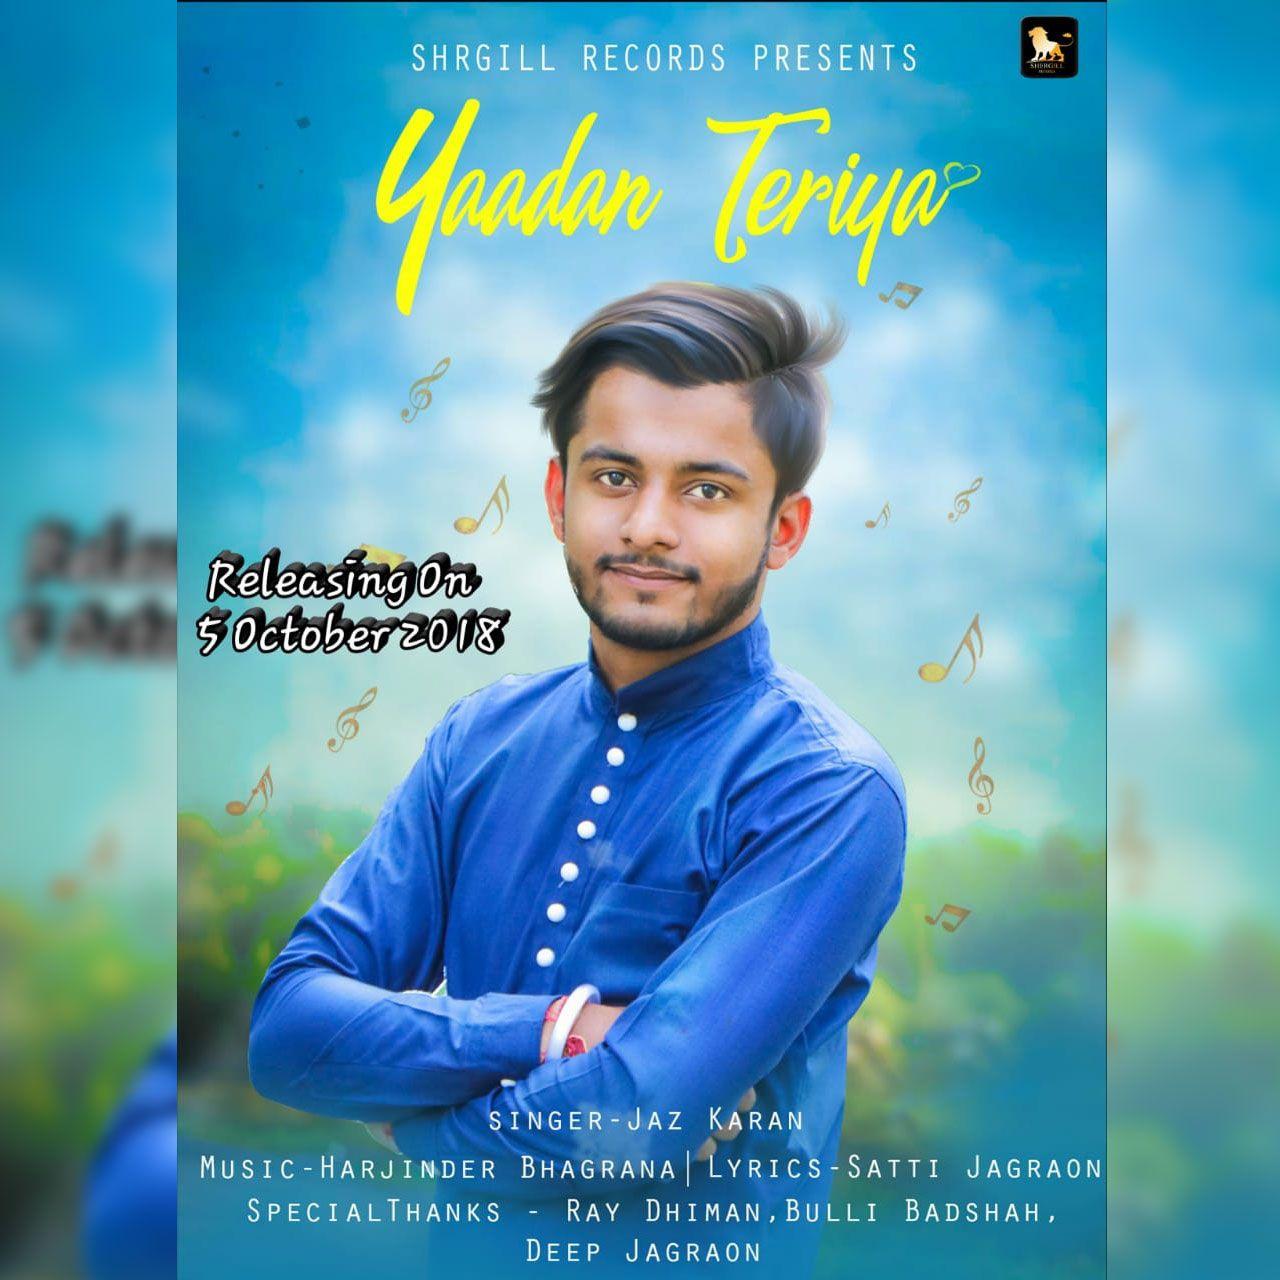 Kardein Han Mp3: Pta Ni By Zot Harz Latest Punjabi Song 2018 T Pta